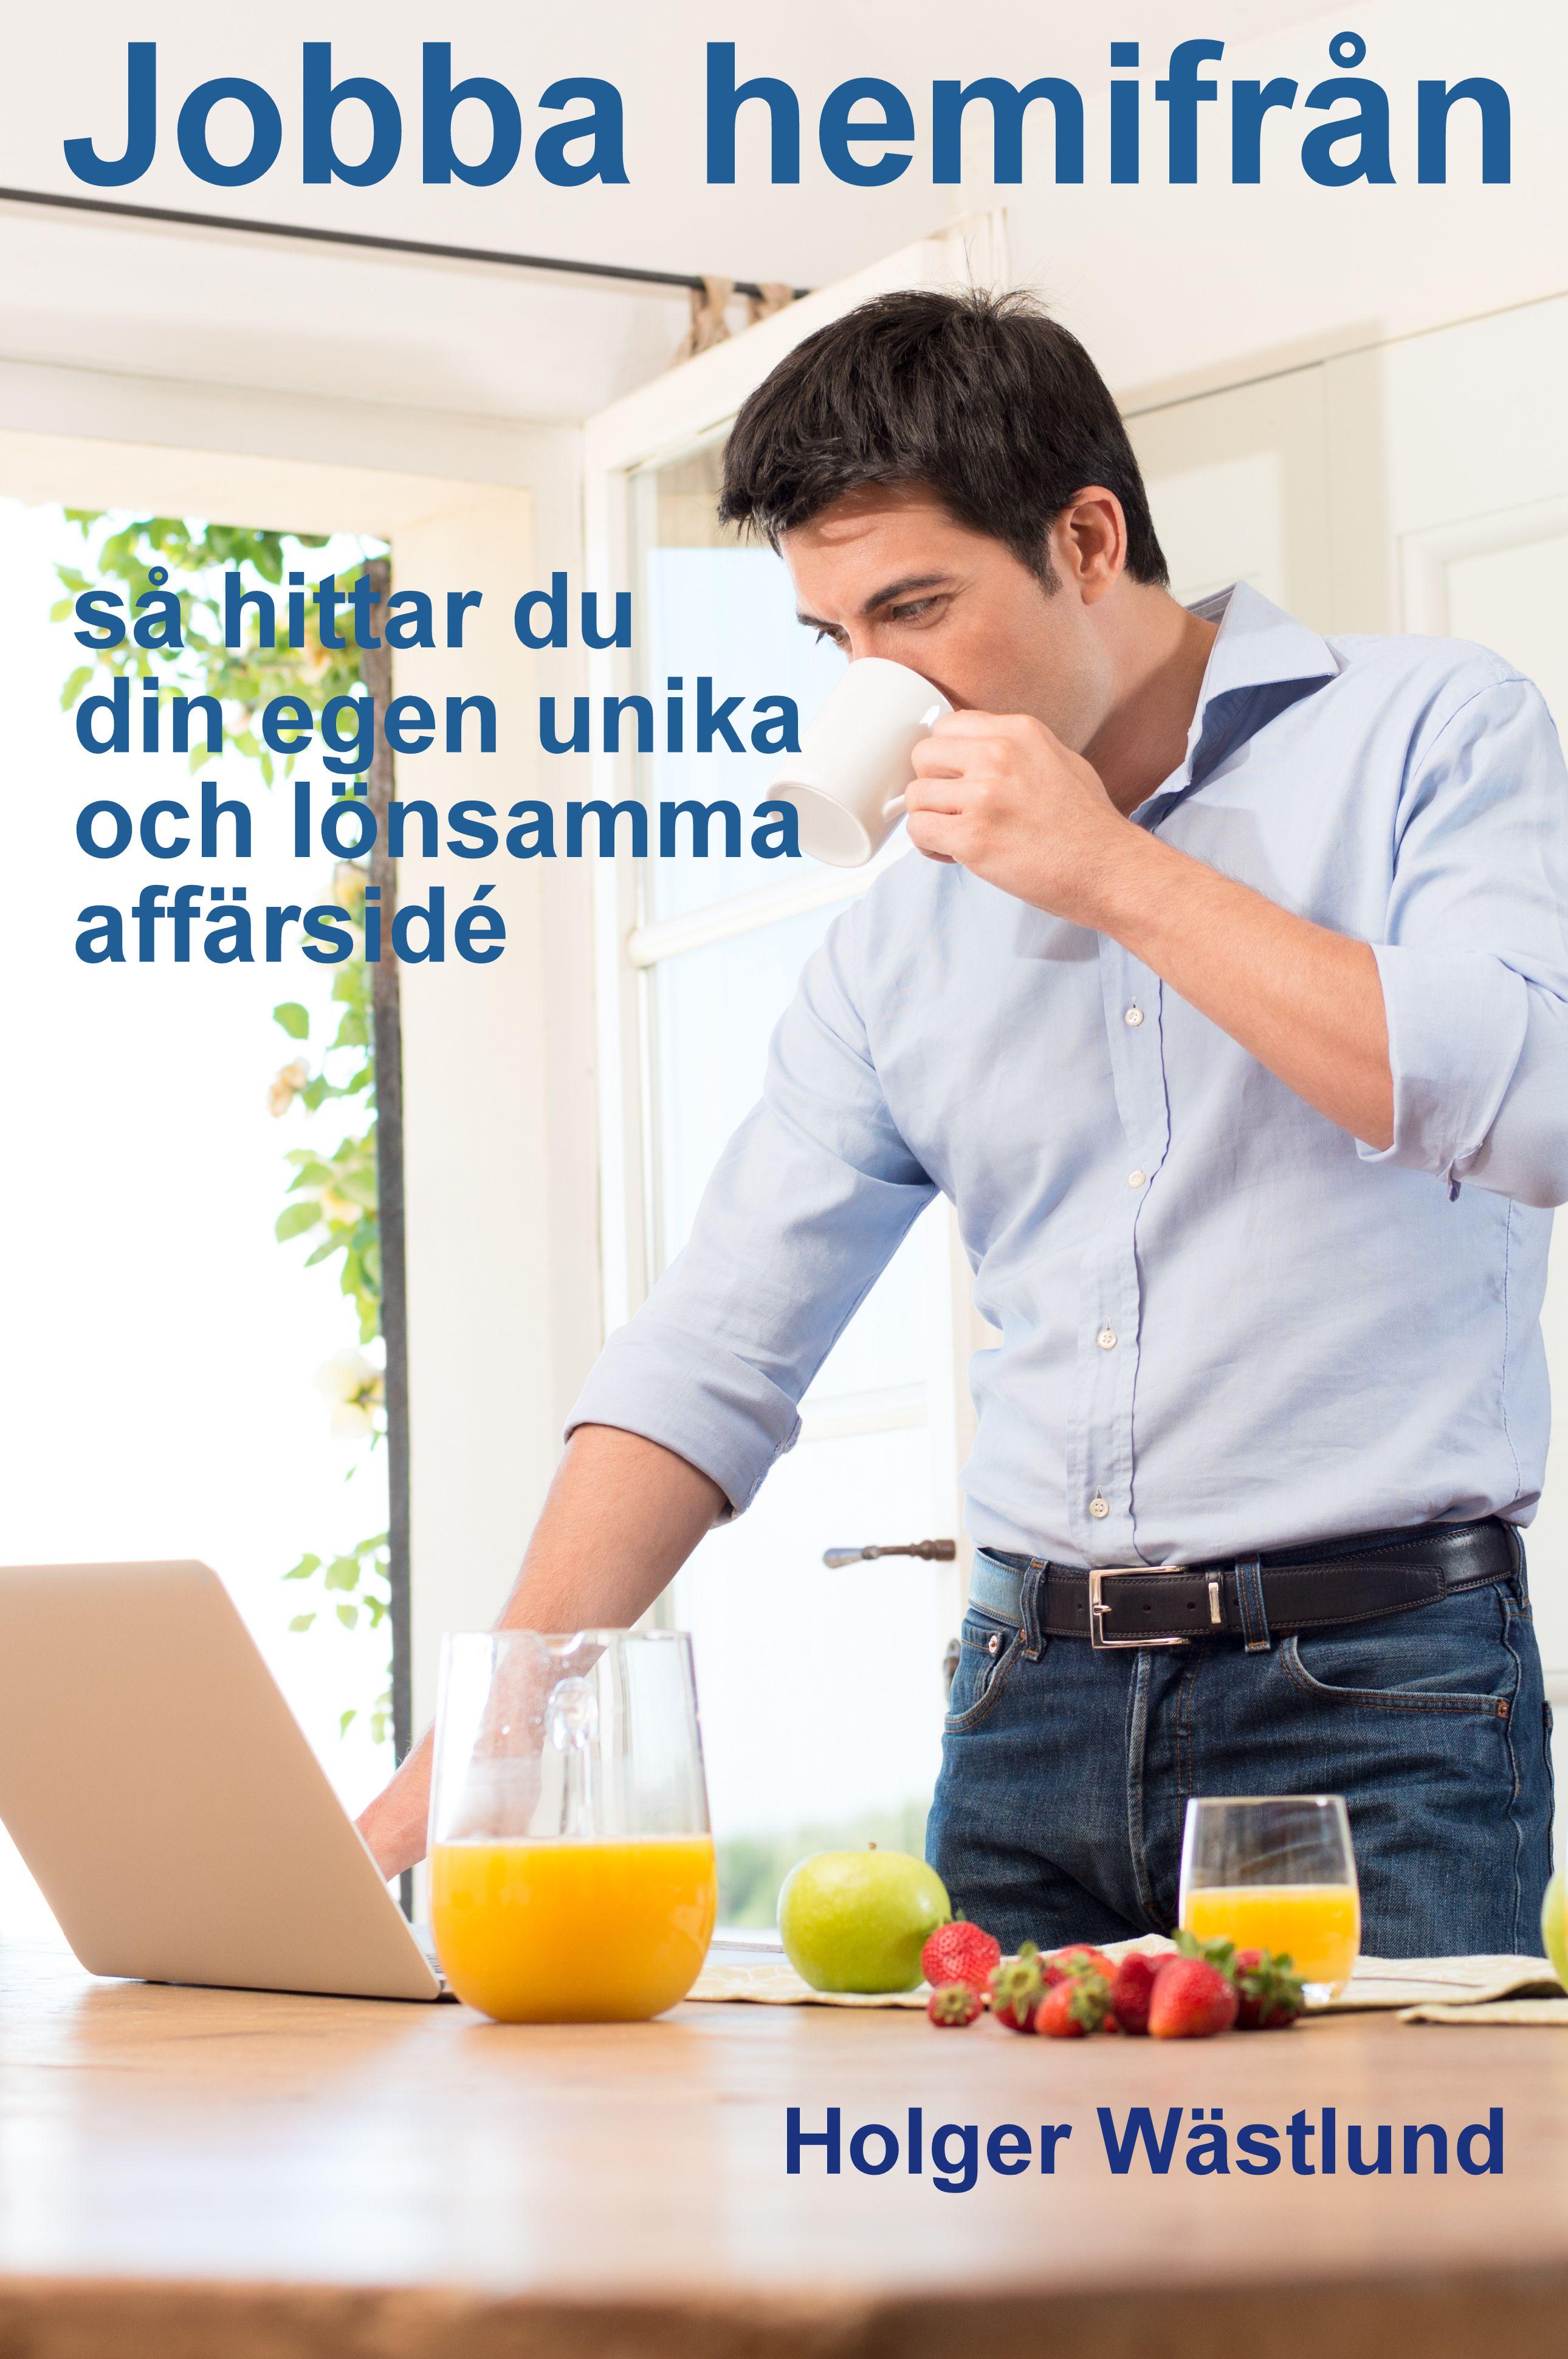 Jobba hemifrån : så här hittar du din egen unika och lönsamma affärsidé av Holger Wästlund